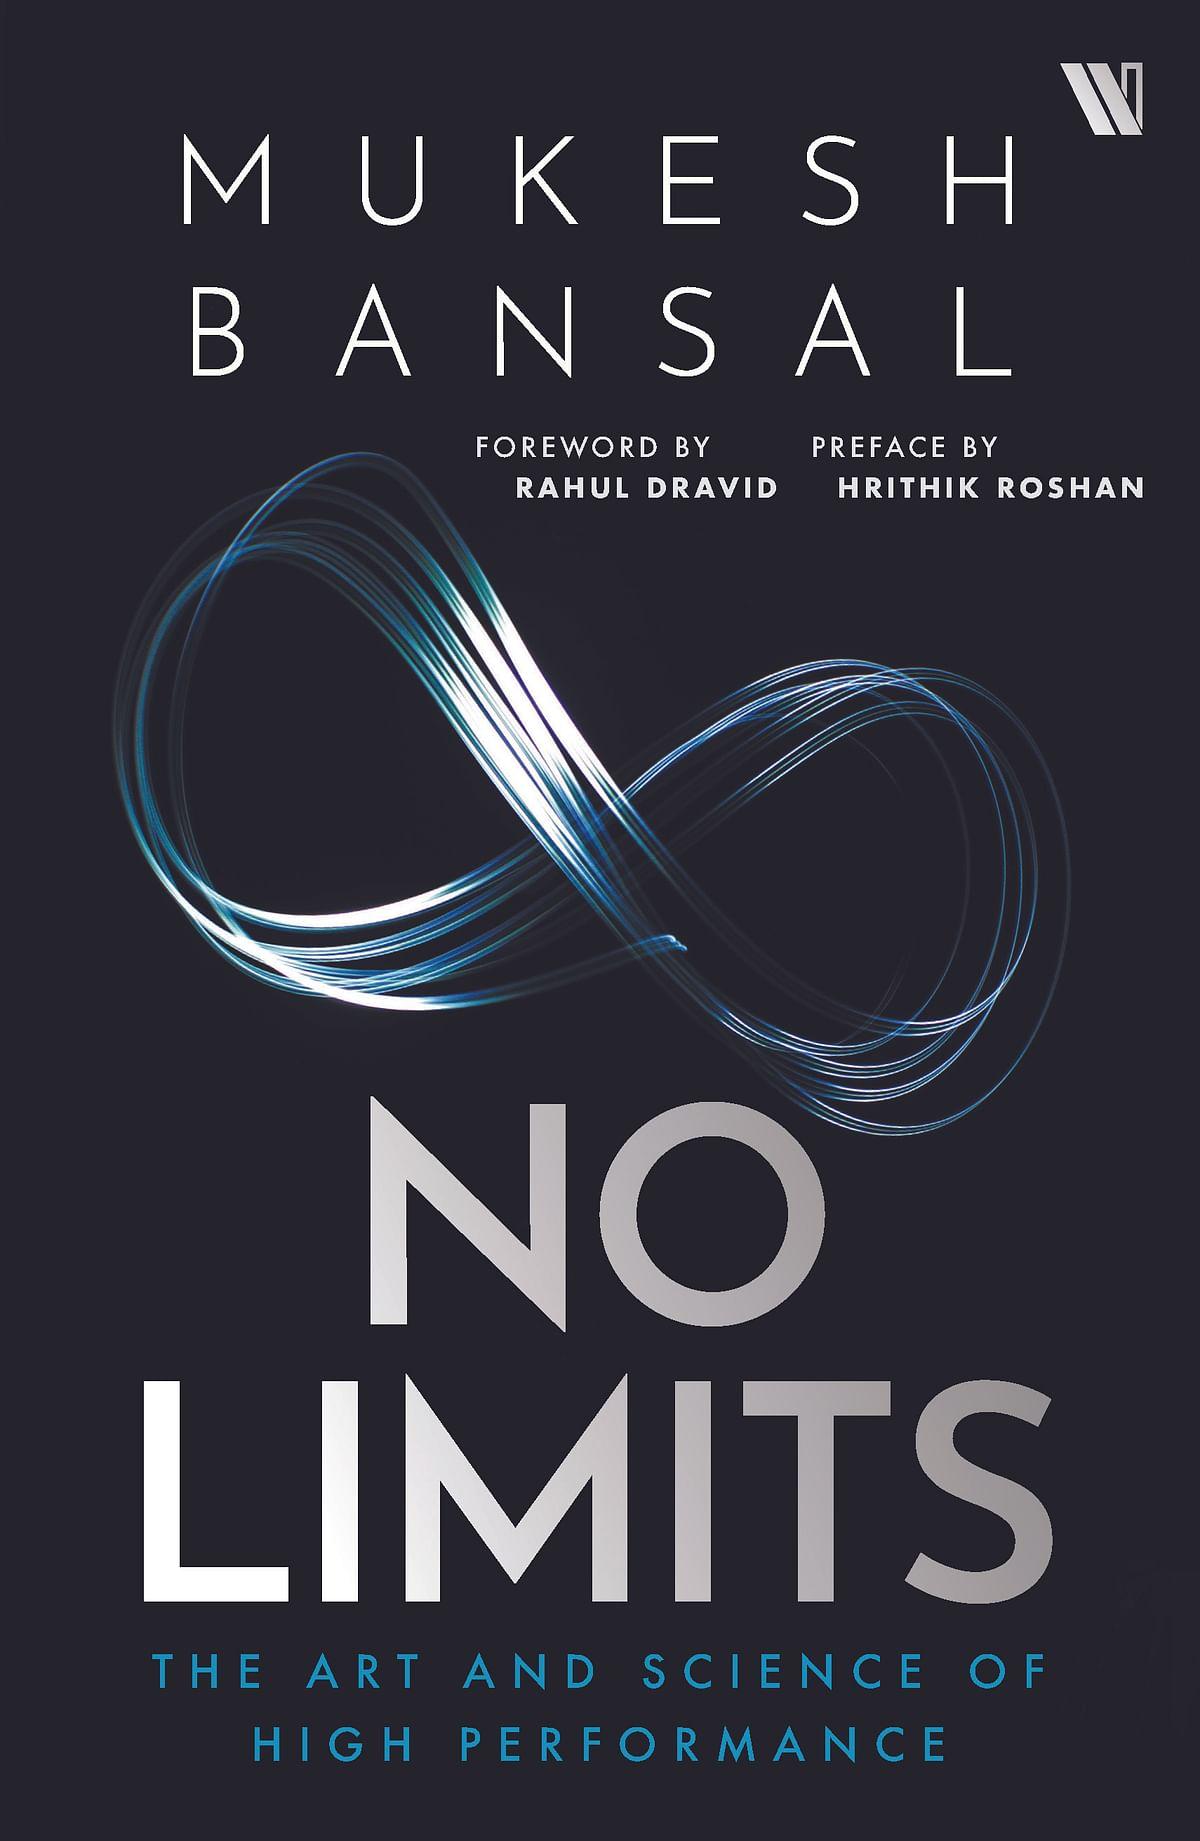 Mukesh Bansal pens lessons on entrepreneurship and life in new book